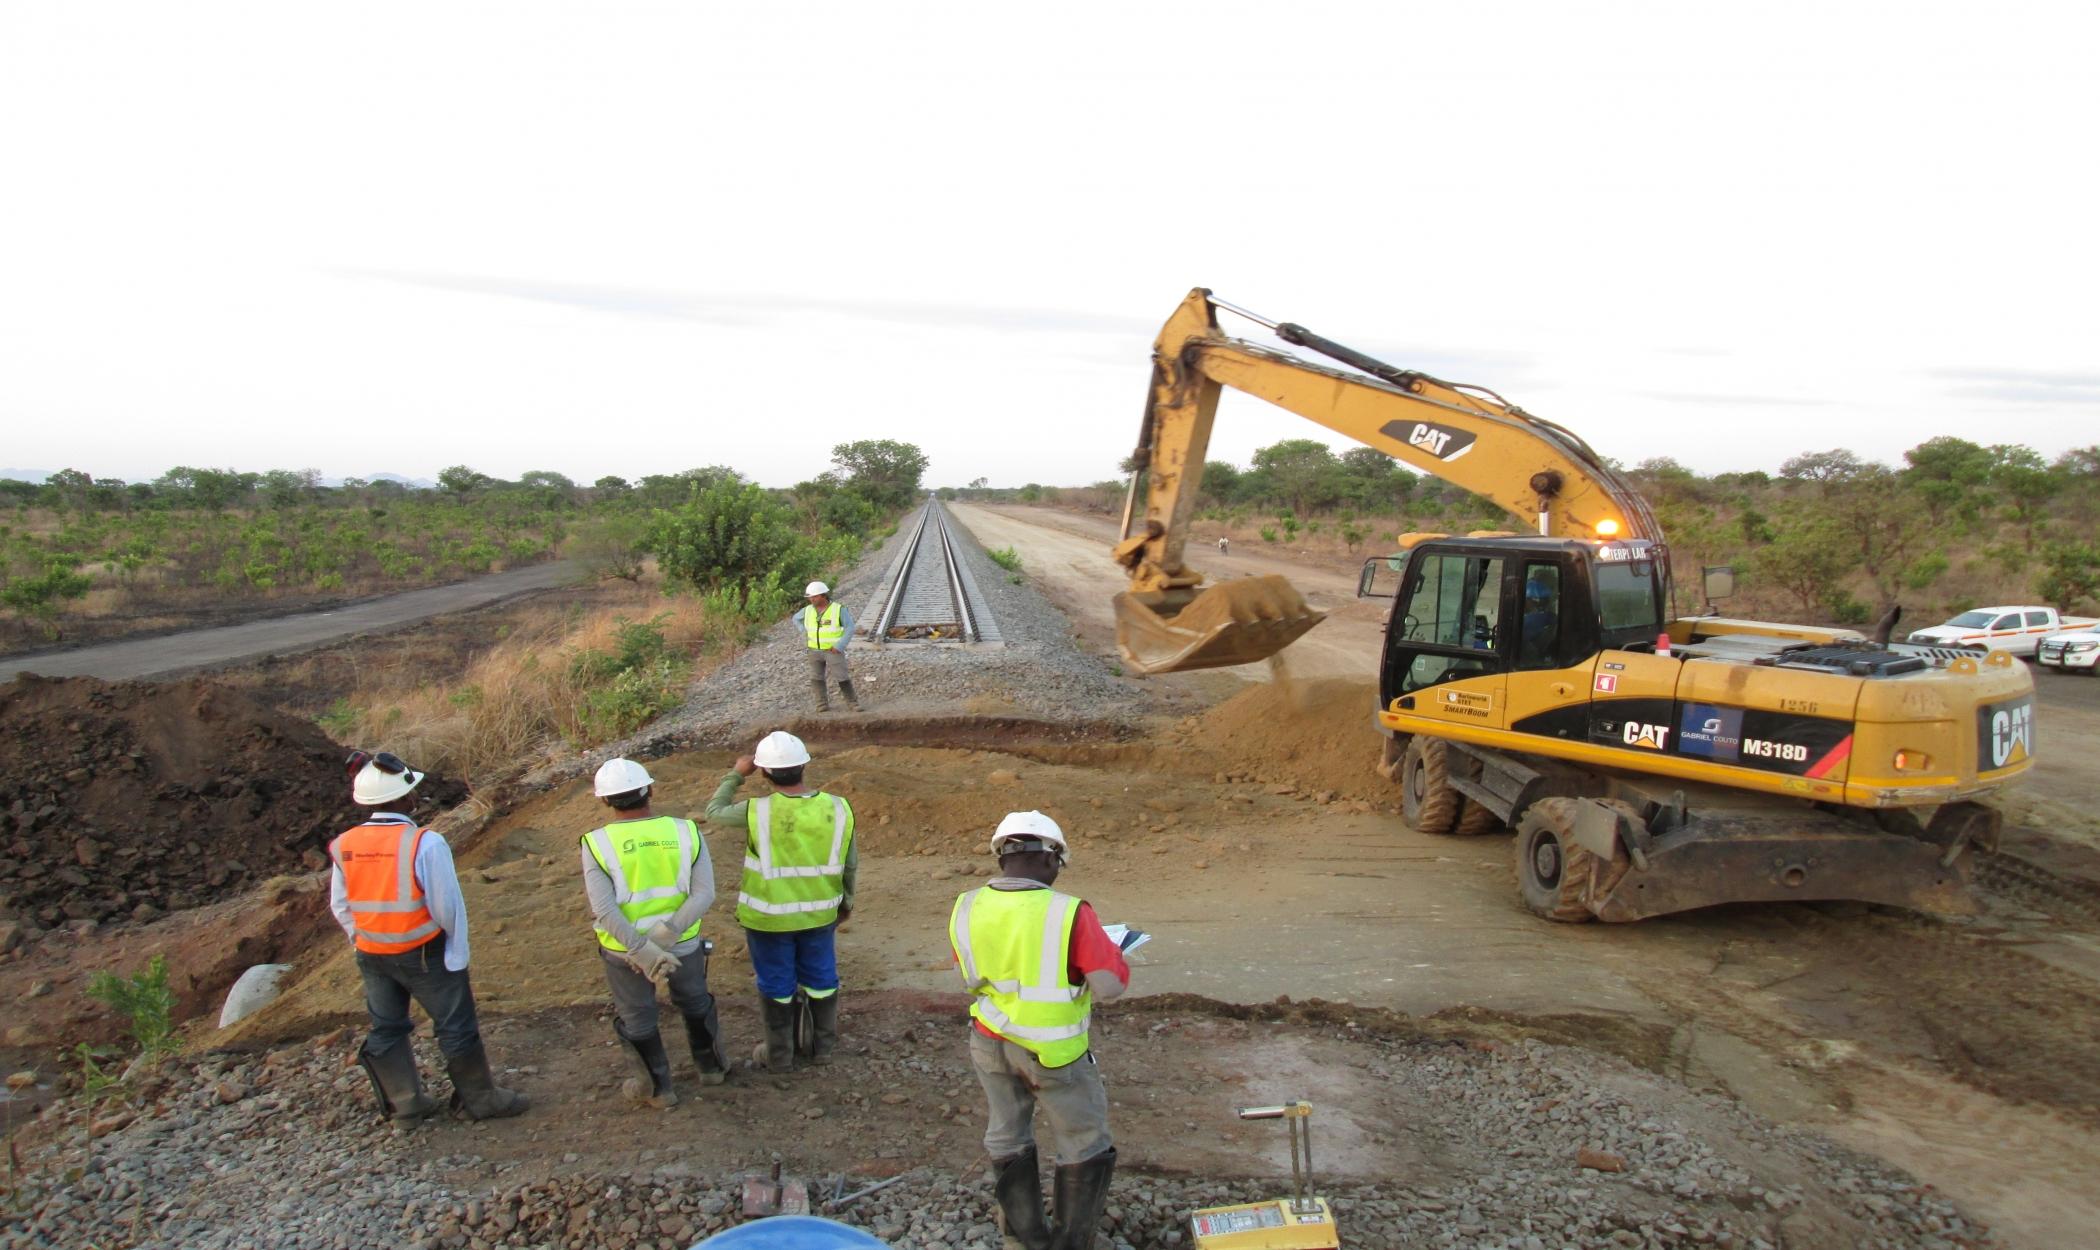 Construção do Corredor Ferroviário de Nacala - Secção 6